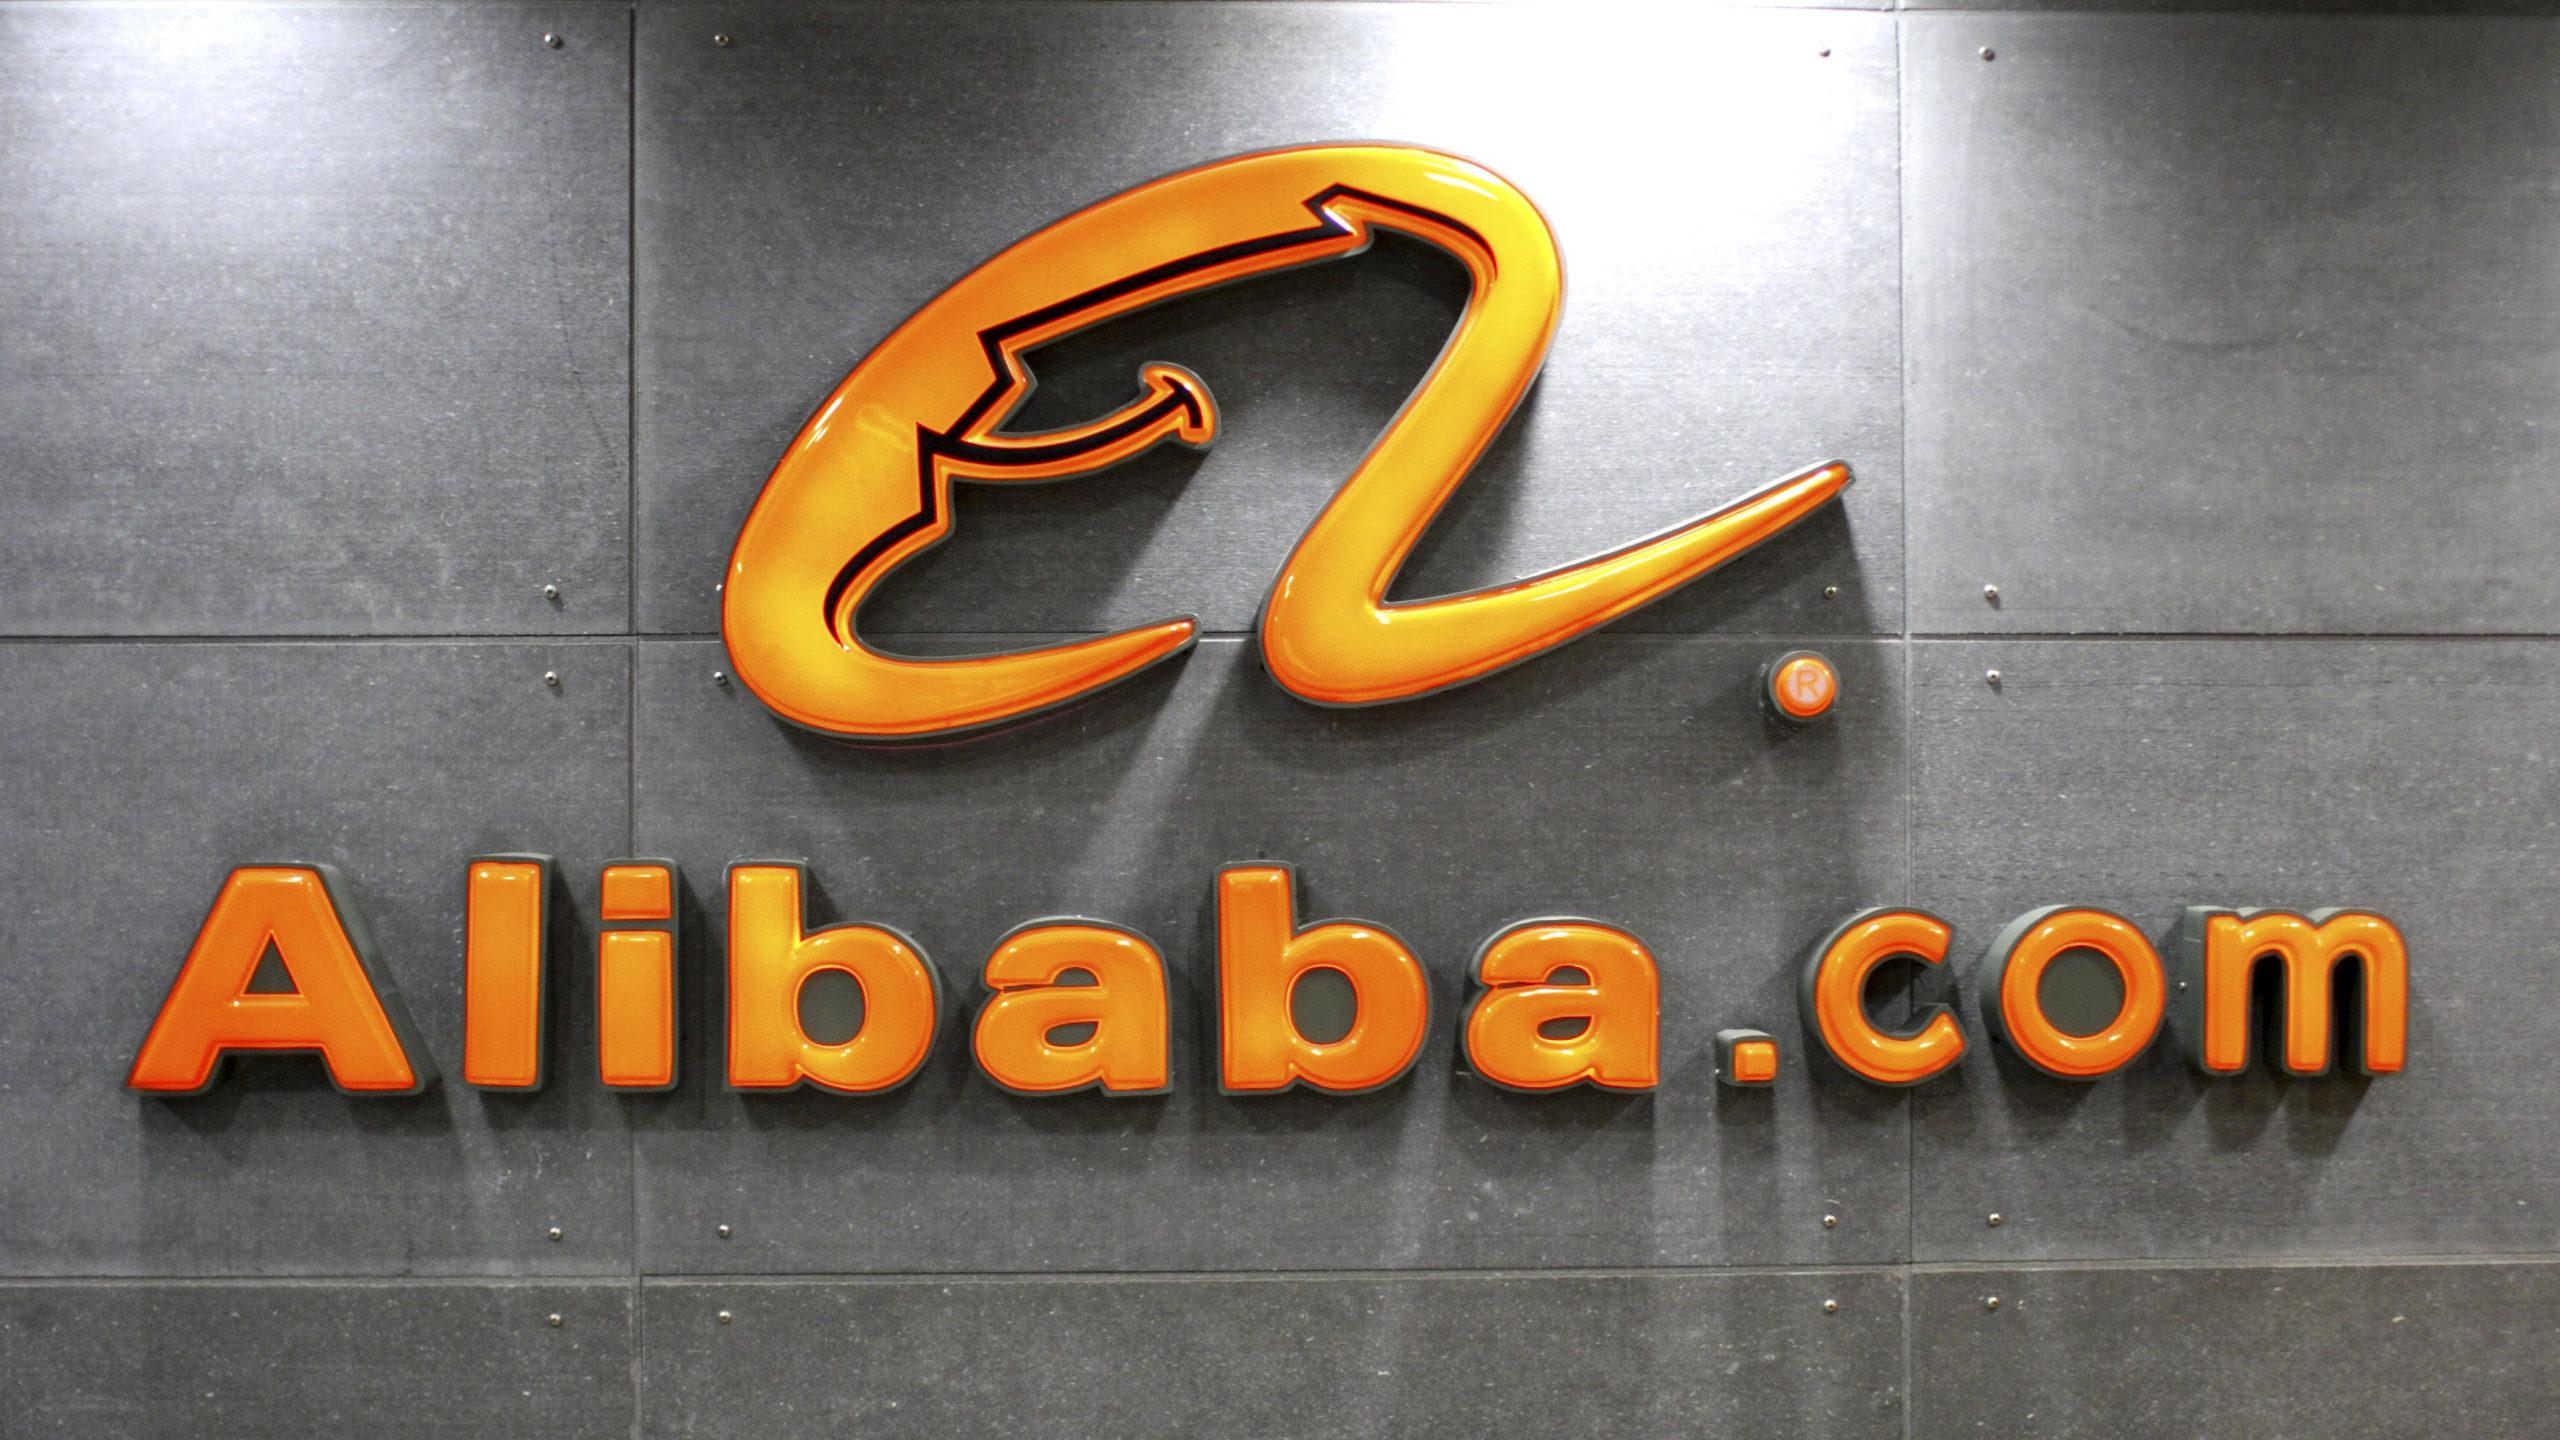 Пошаговая инструкция: Как зарегистрировать компанию на Alibaba.com и разместить свой продукт